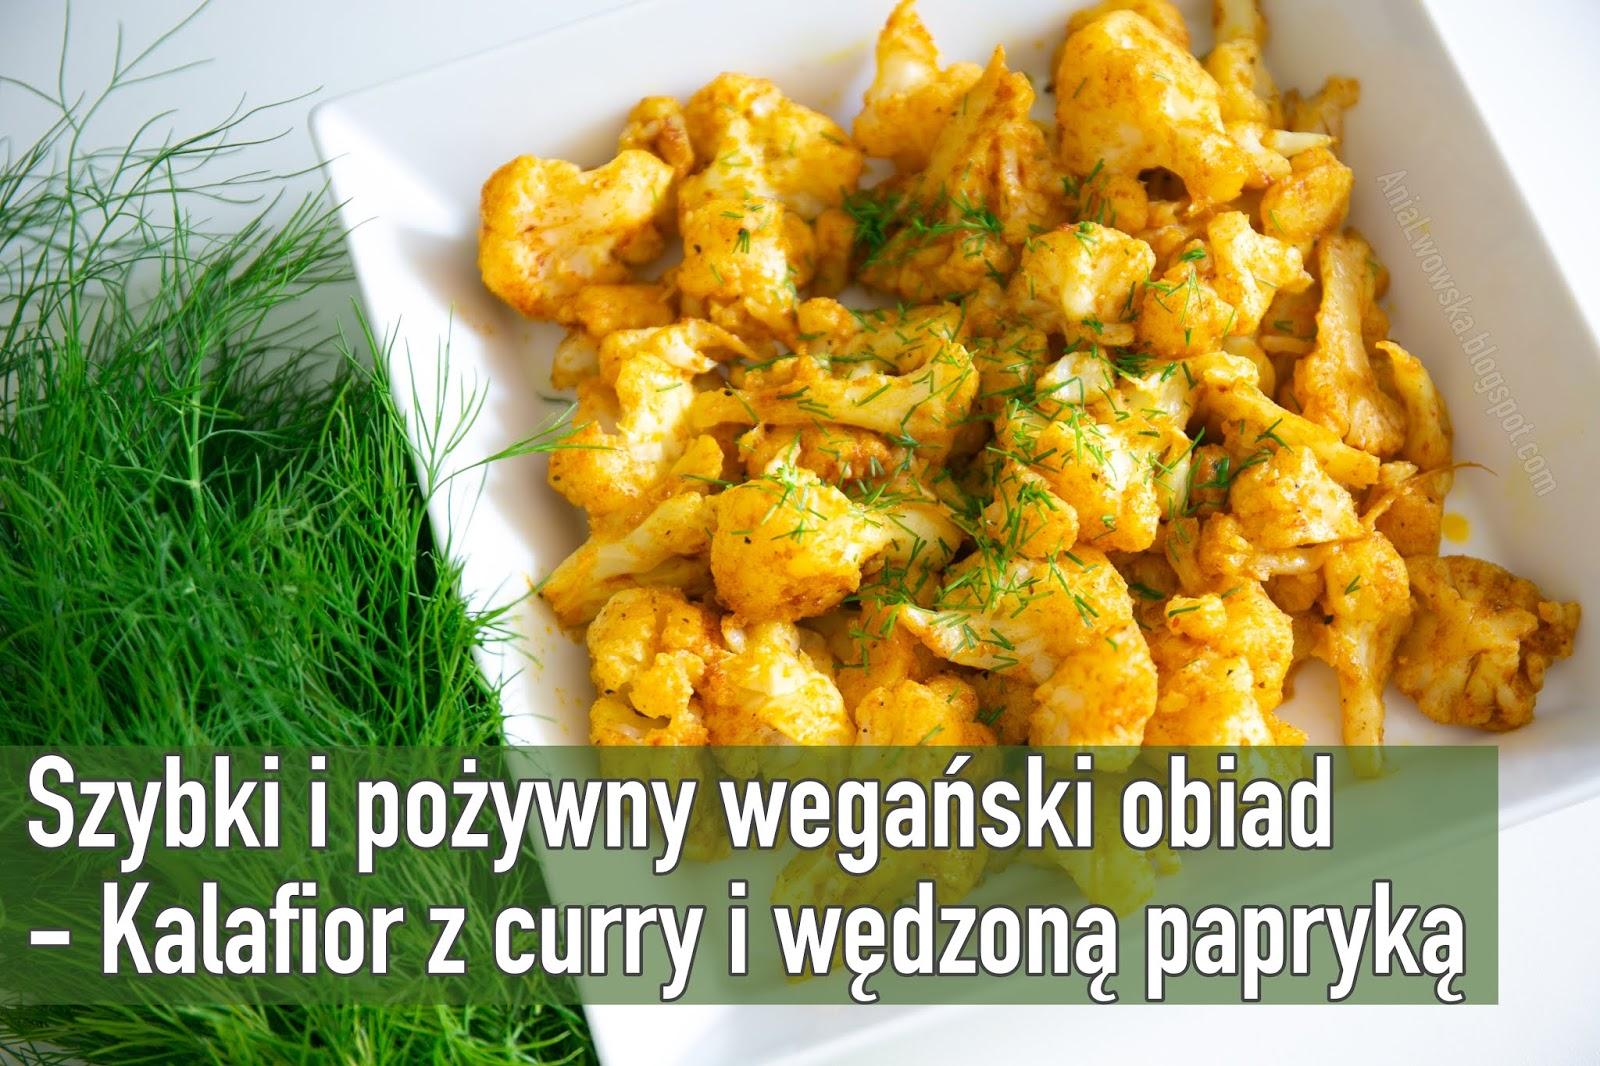 Kalafior z curry i wędzoną papryką